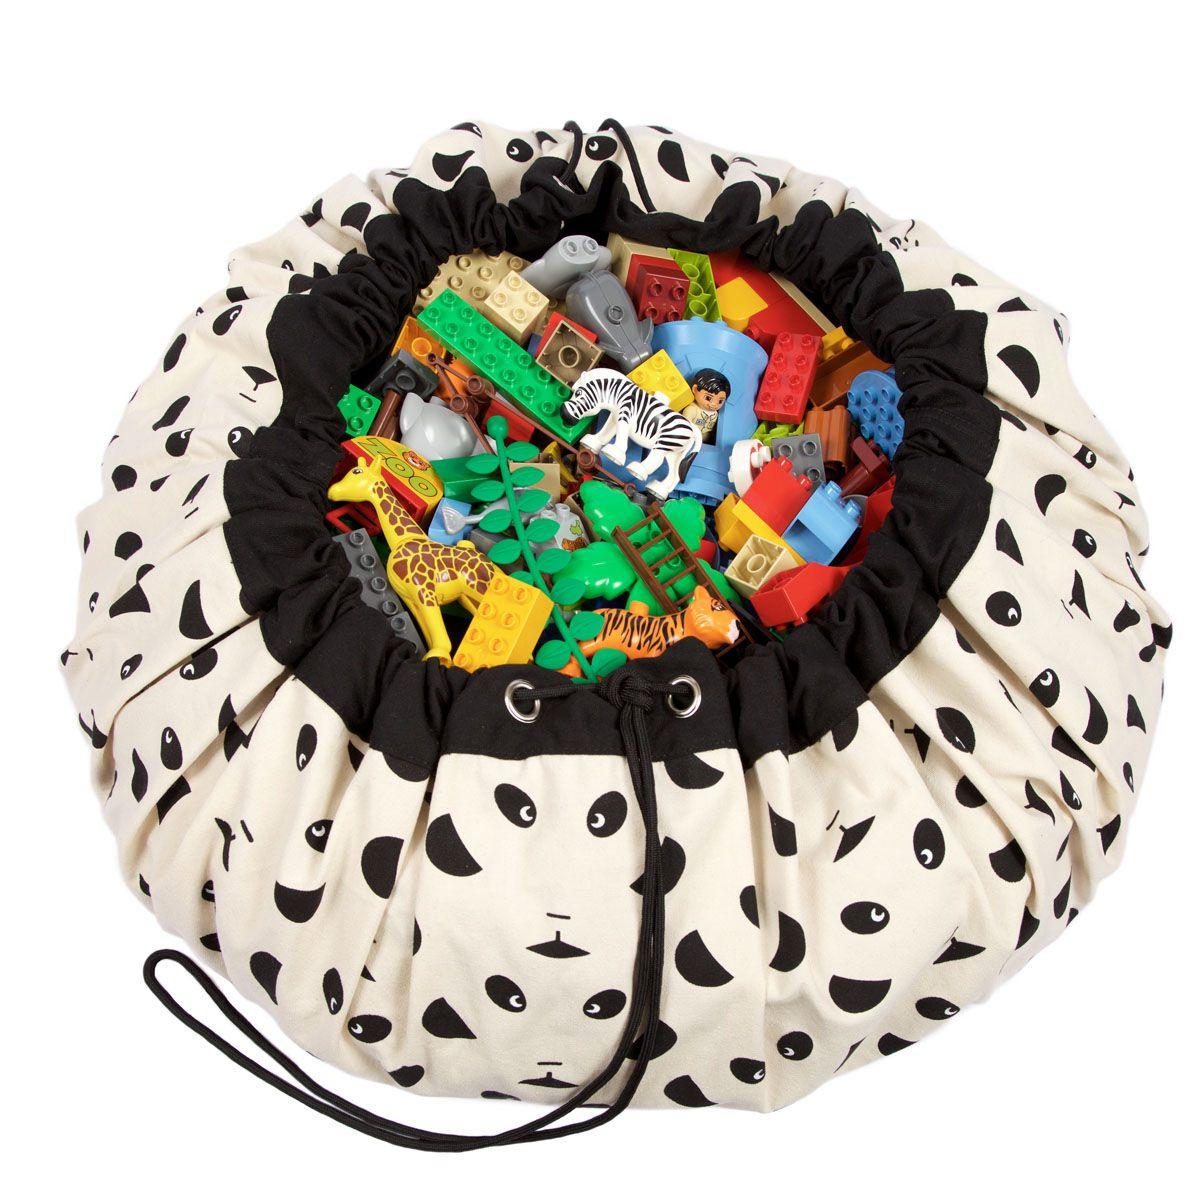 比利時 play & go 玩具整理袋 藝術家聯名款 (貓熊)